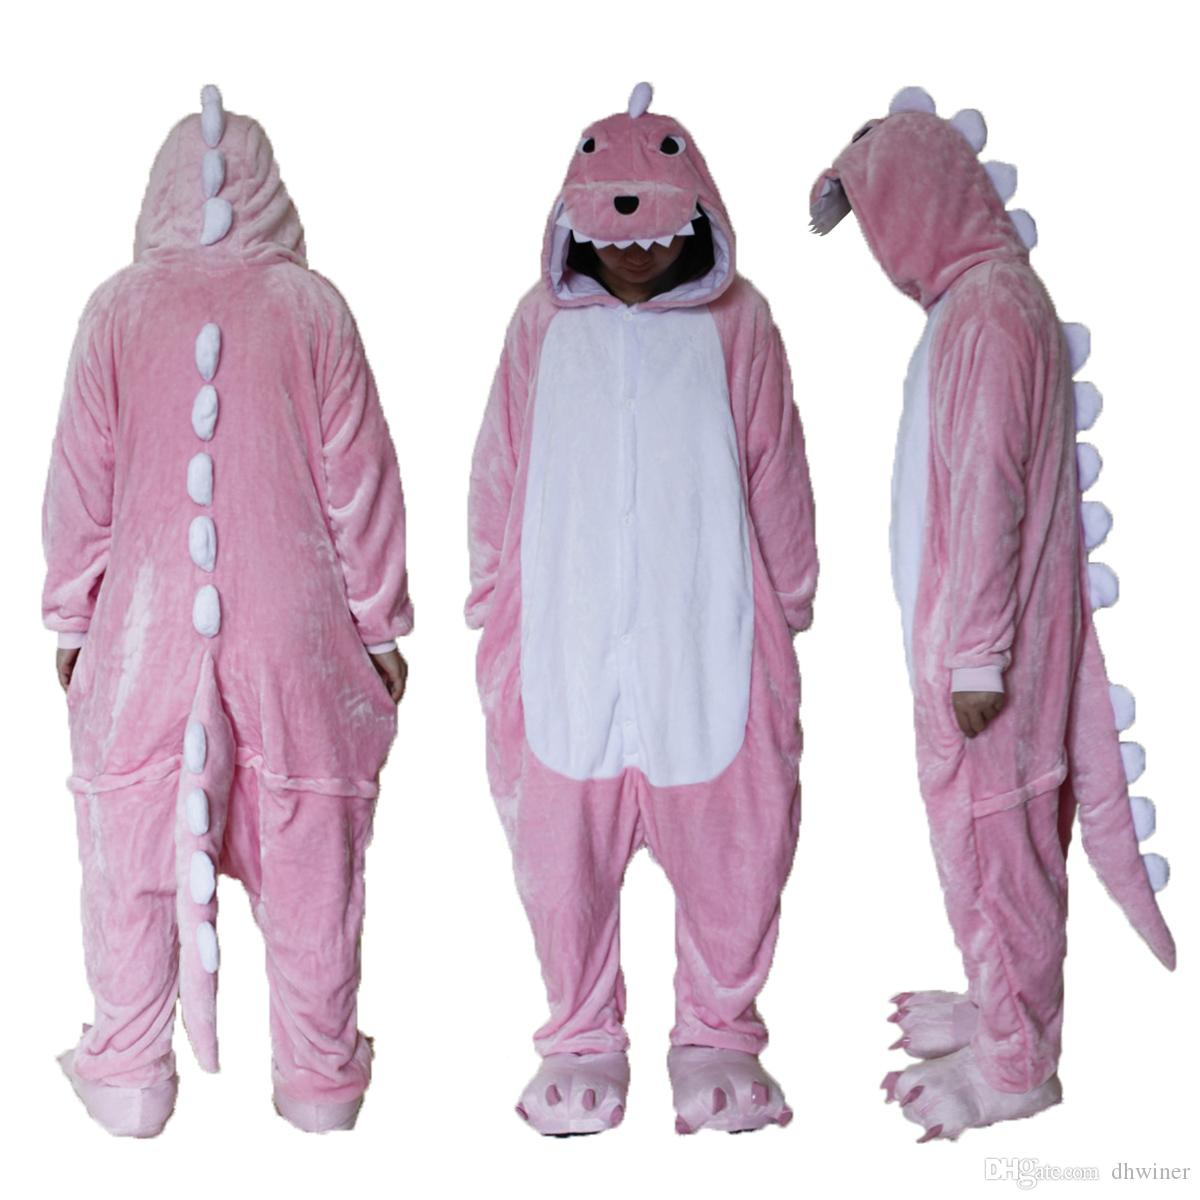 Compre Pijama De Una Pieza Traje Unisex Adulto Animal Onesie Cosplay De  Dinosaurio Rosado A  24.36 Del Dhwiner  58db3ec3bf41